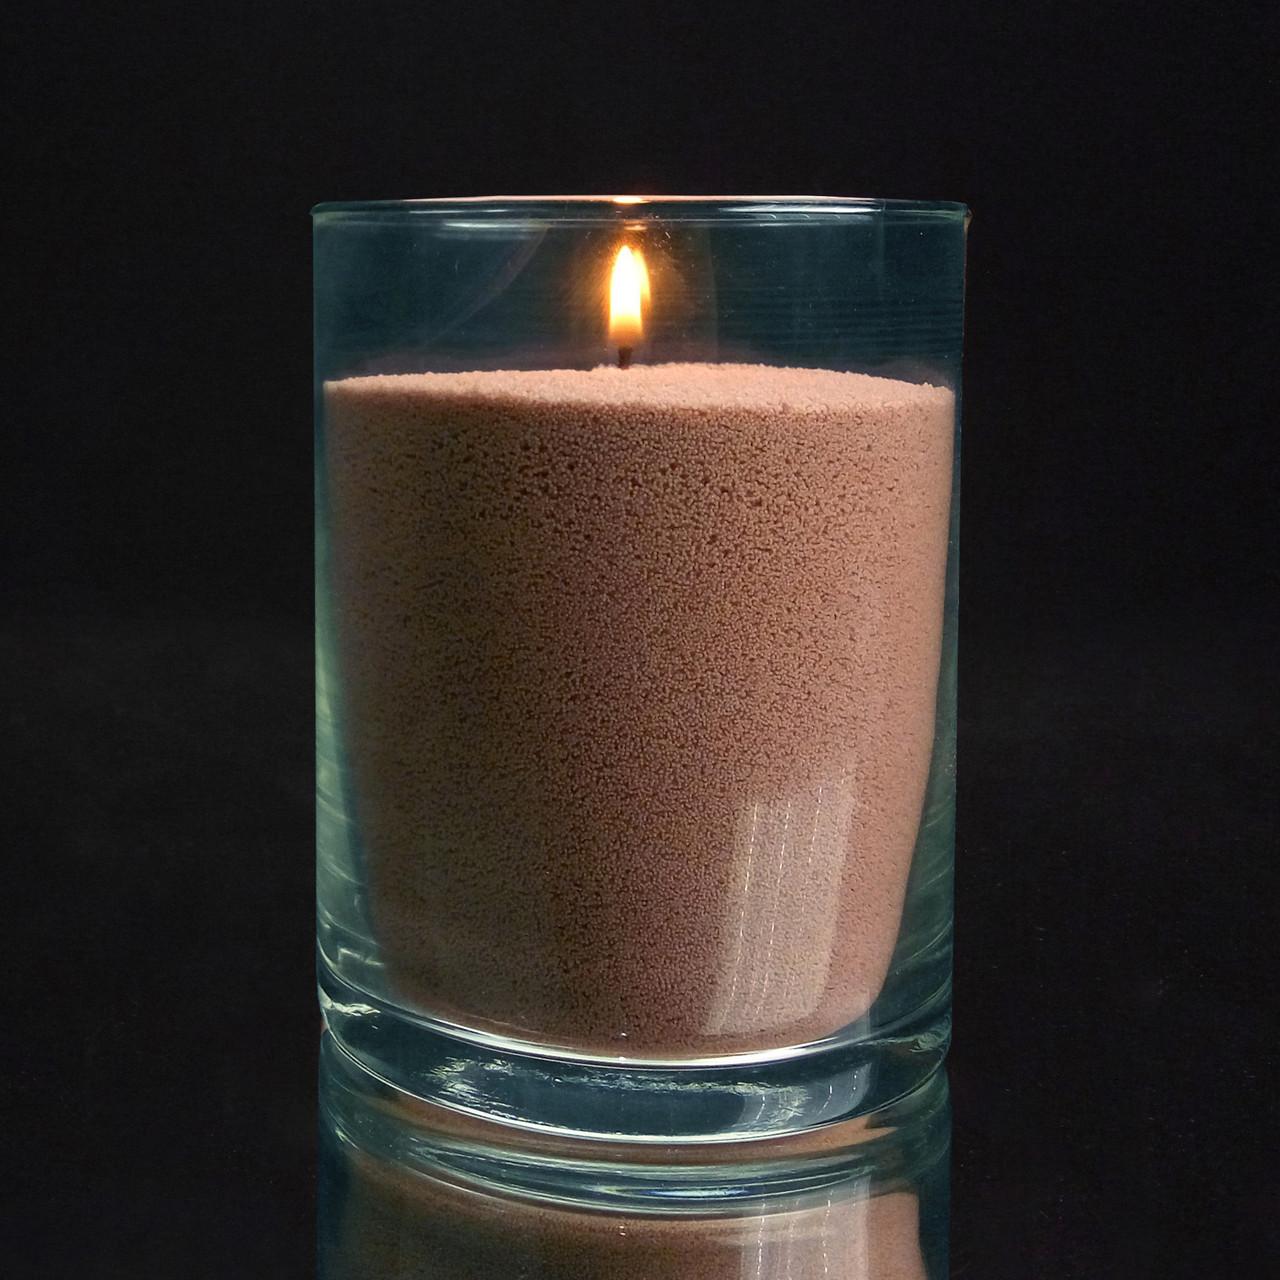 Красные (восточные) насыпные свечи 1 кг + 1 м фитиля, фото 1